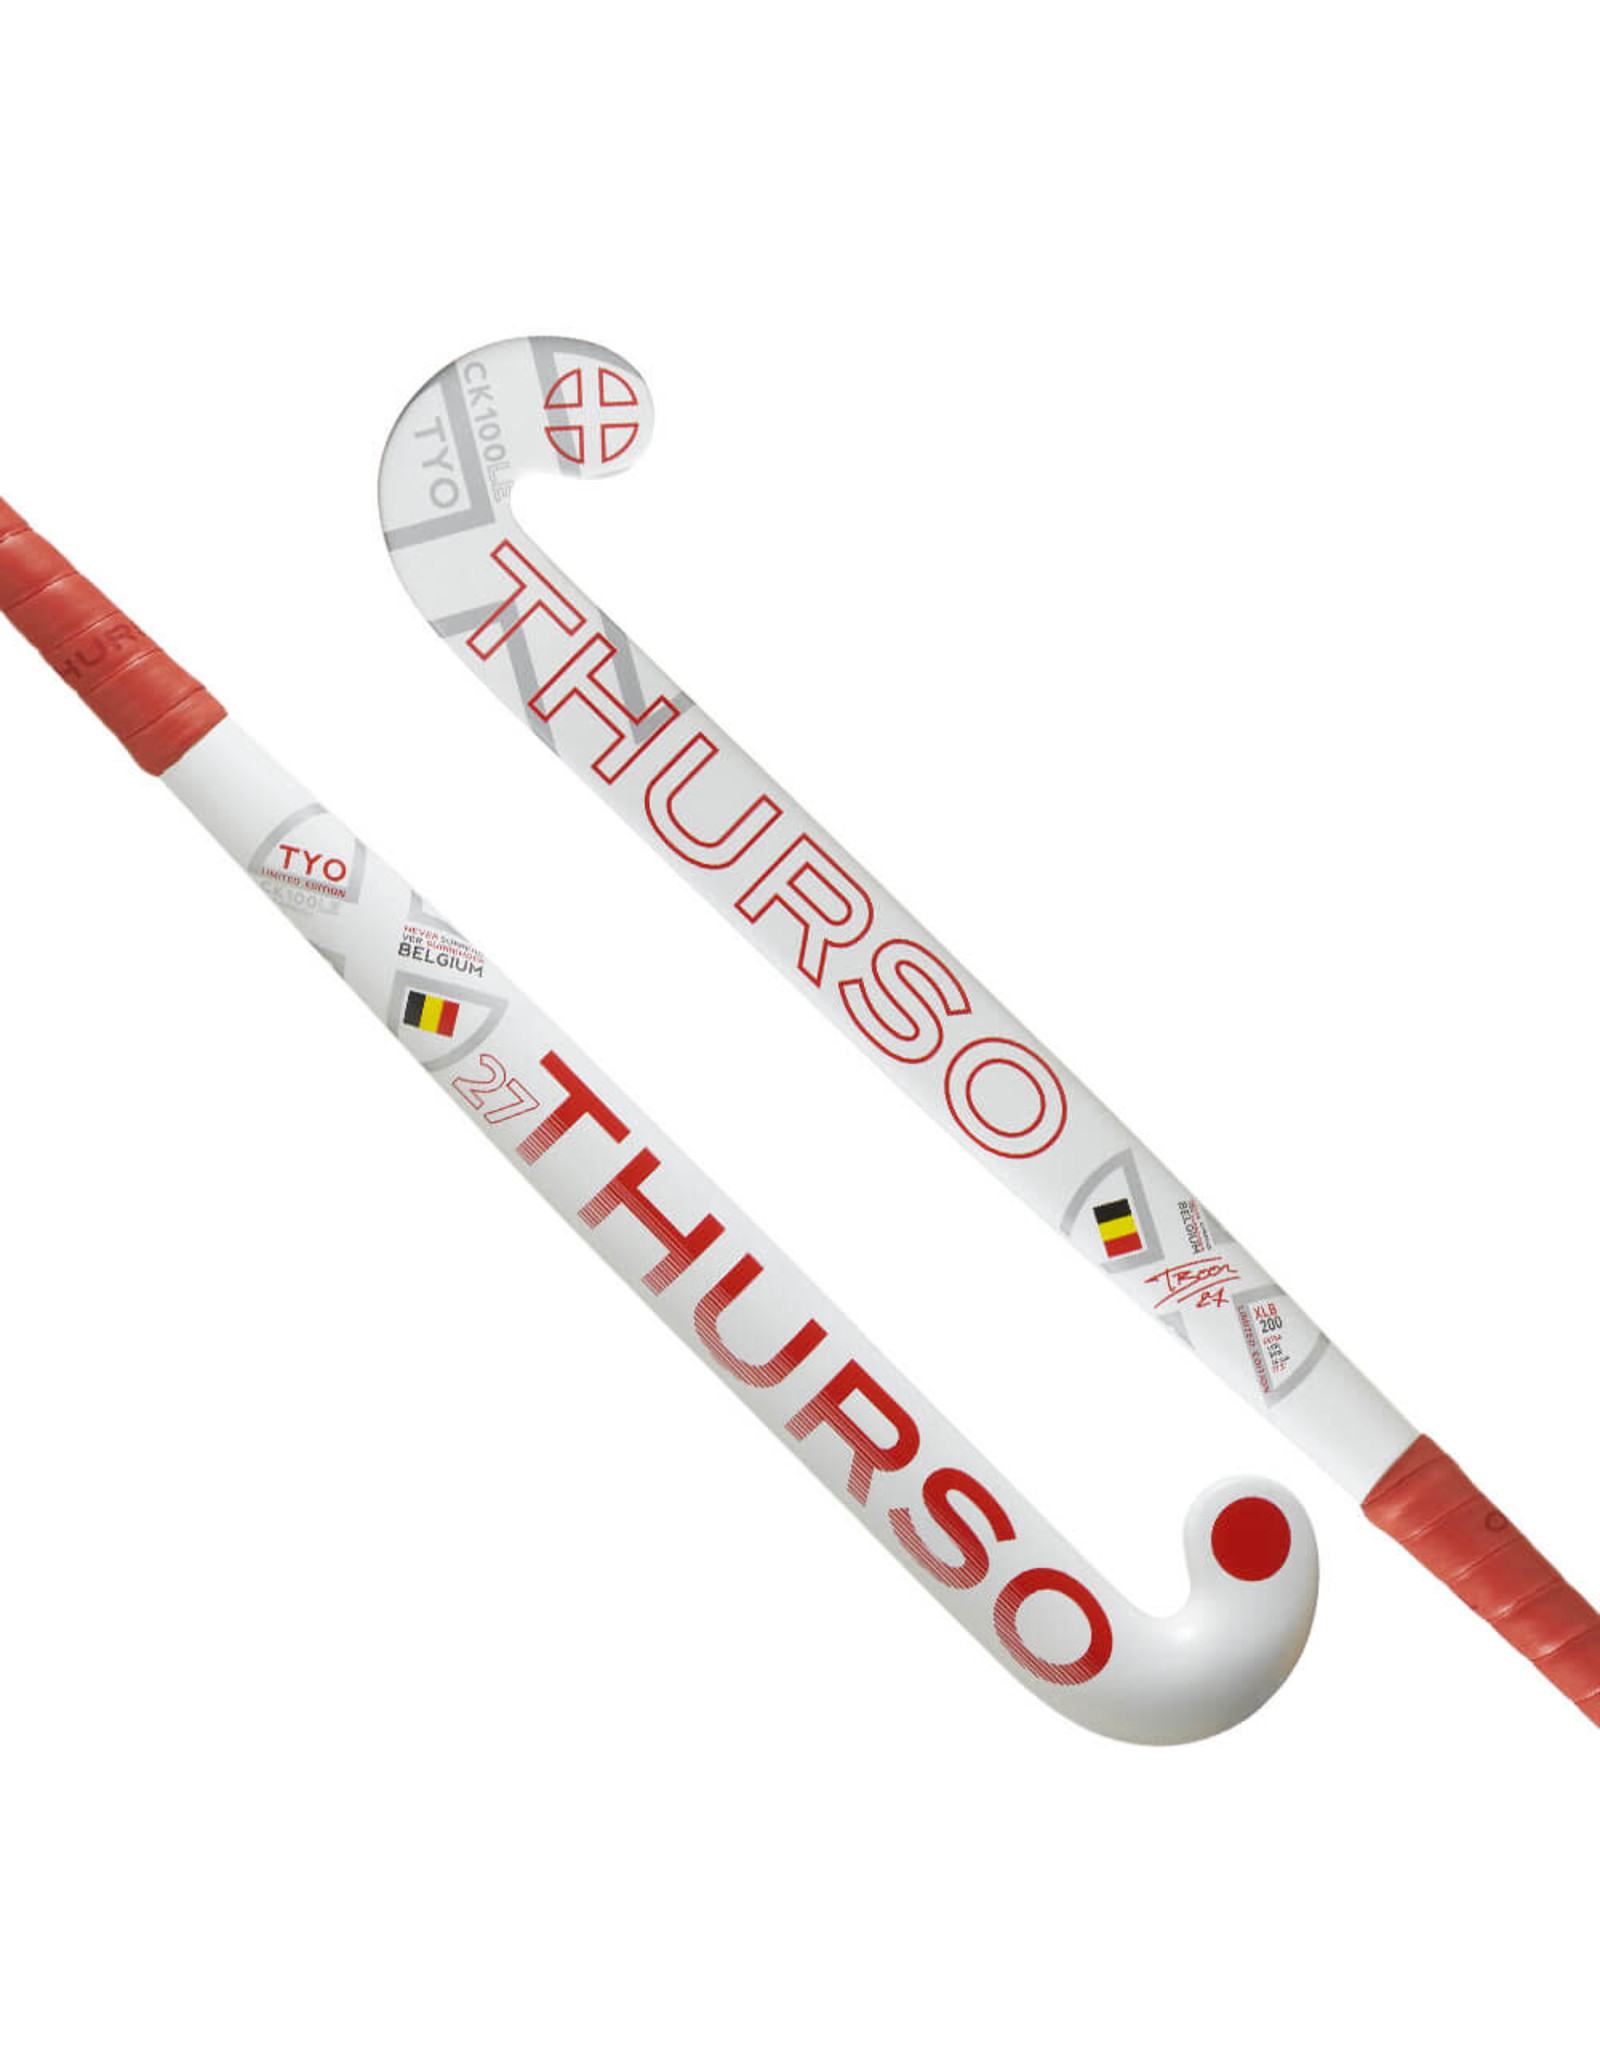 THURSO THURSO TOKYO CK 100 LB 20-21 STICK